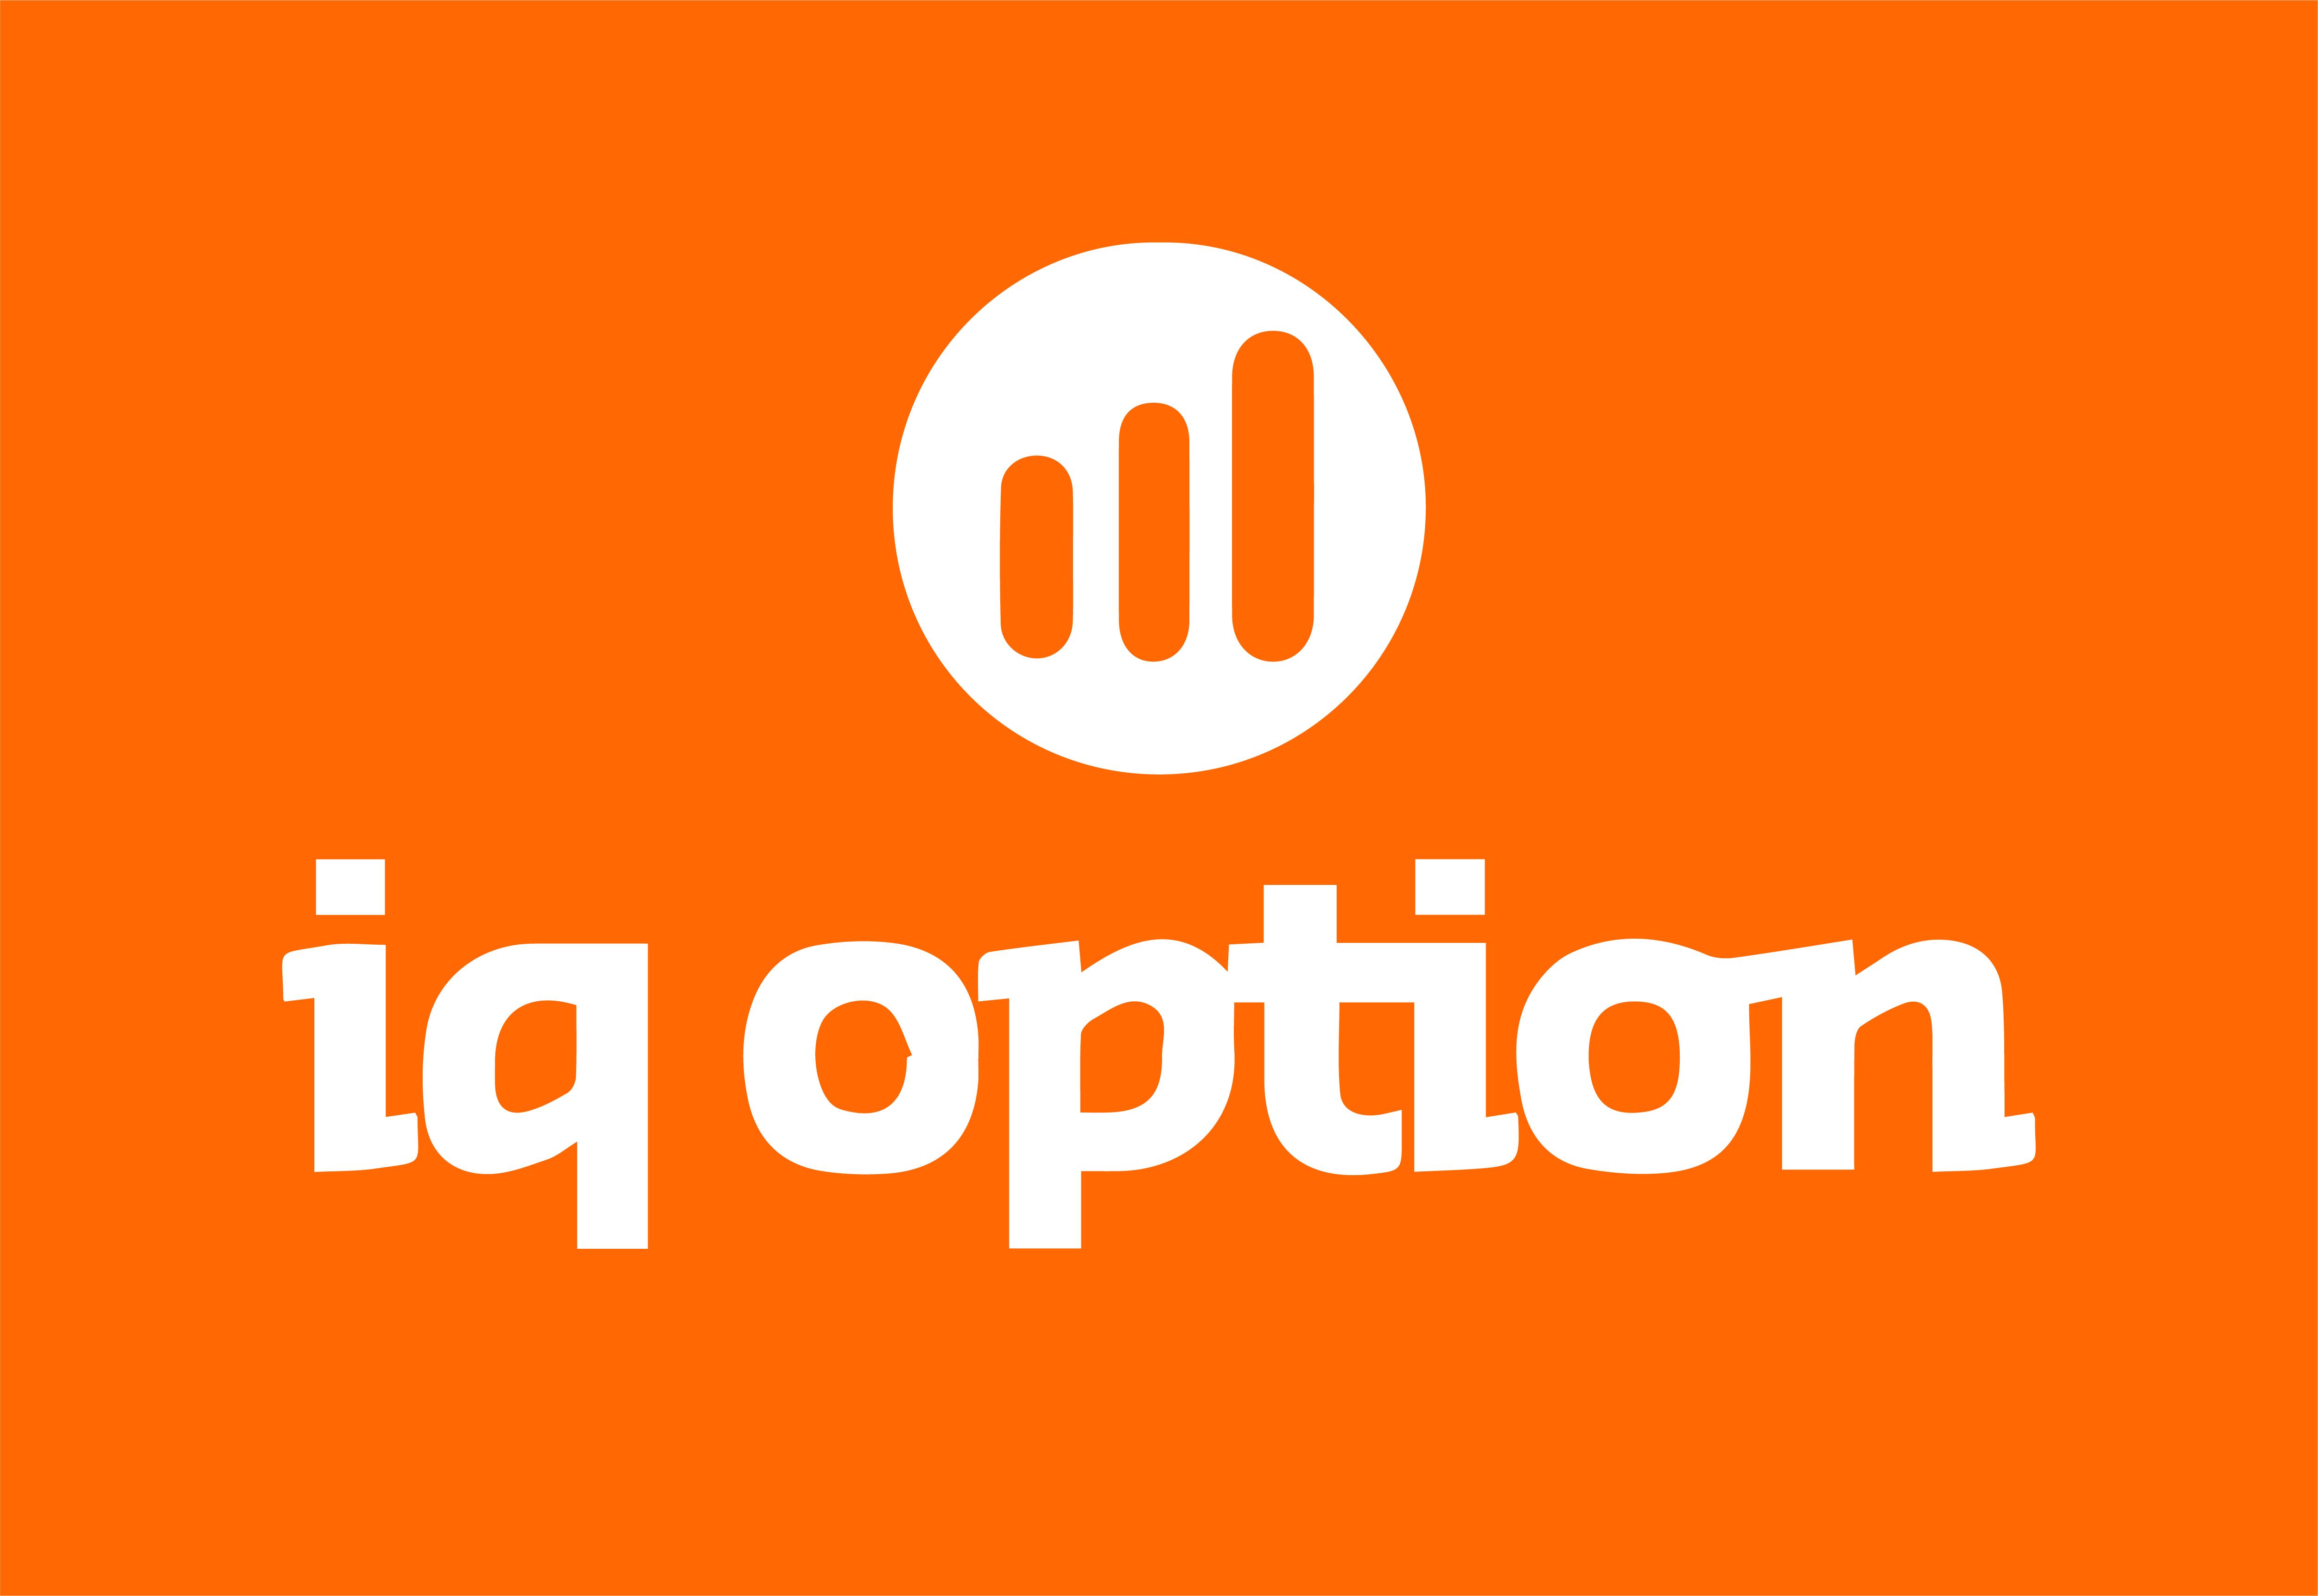 ¿Qué es IQ Option?